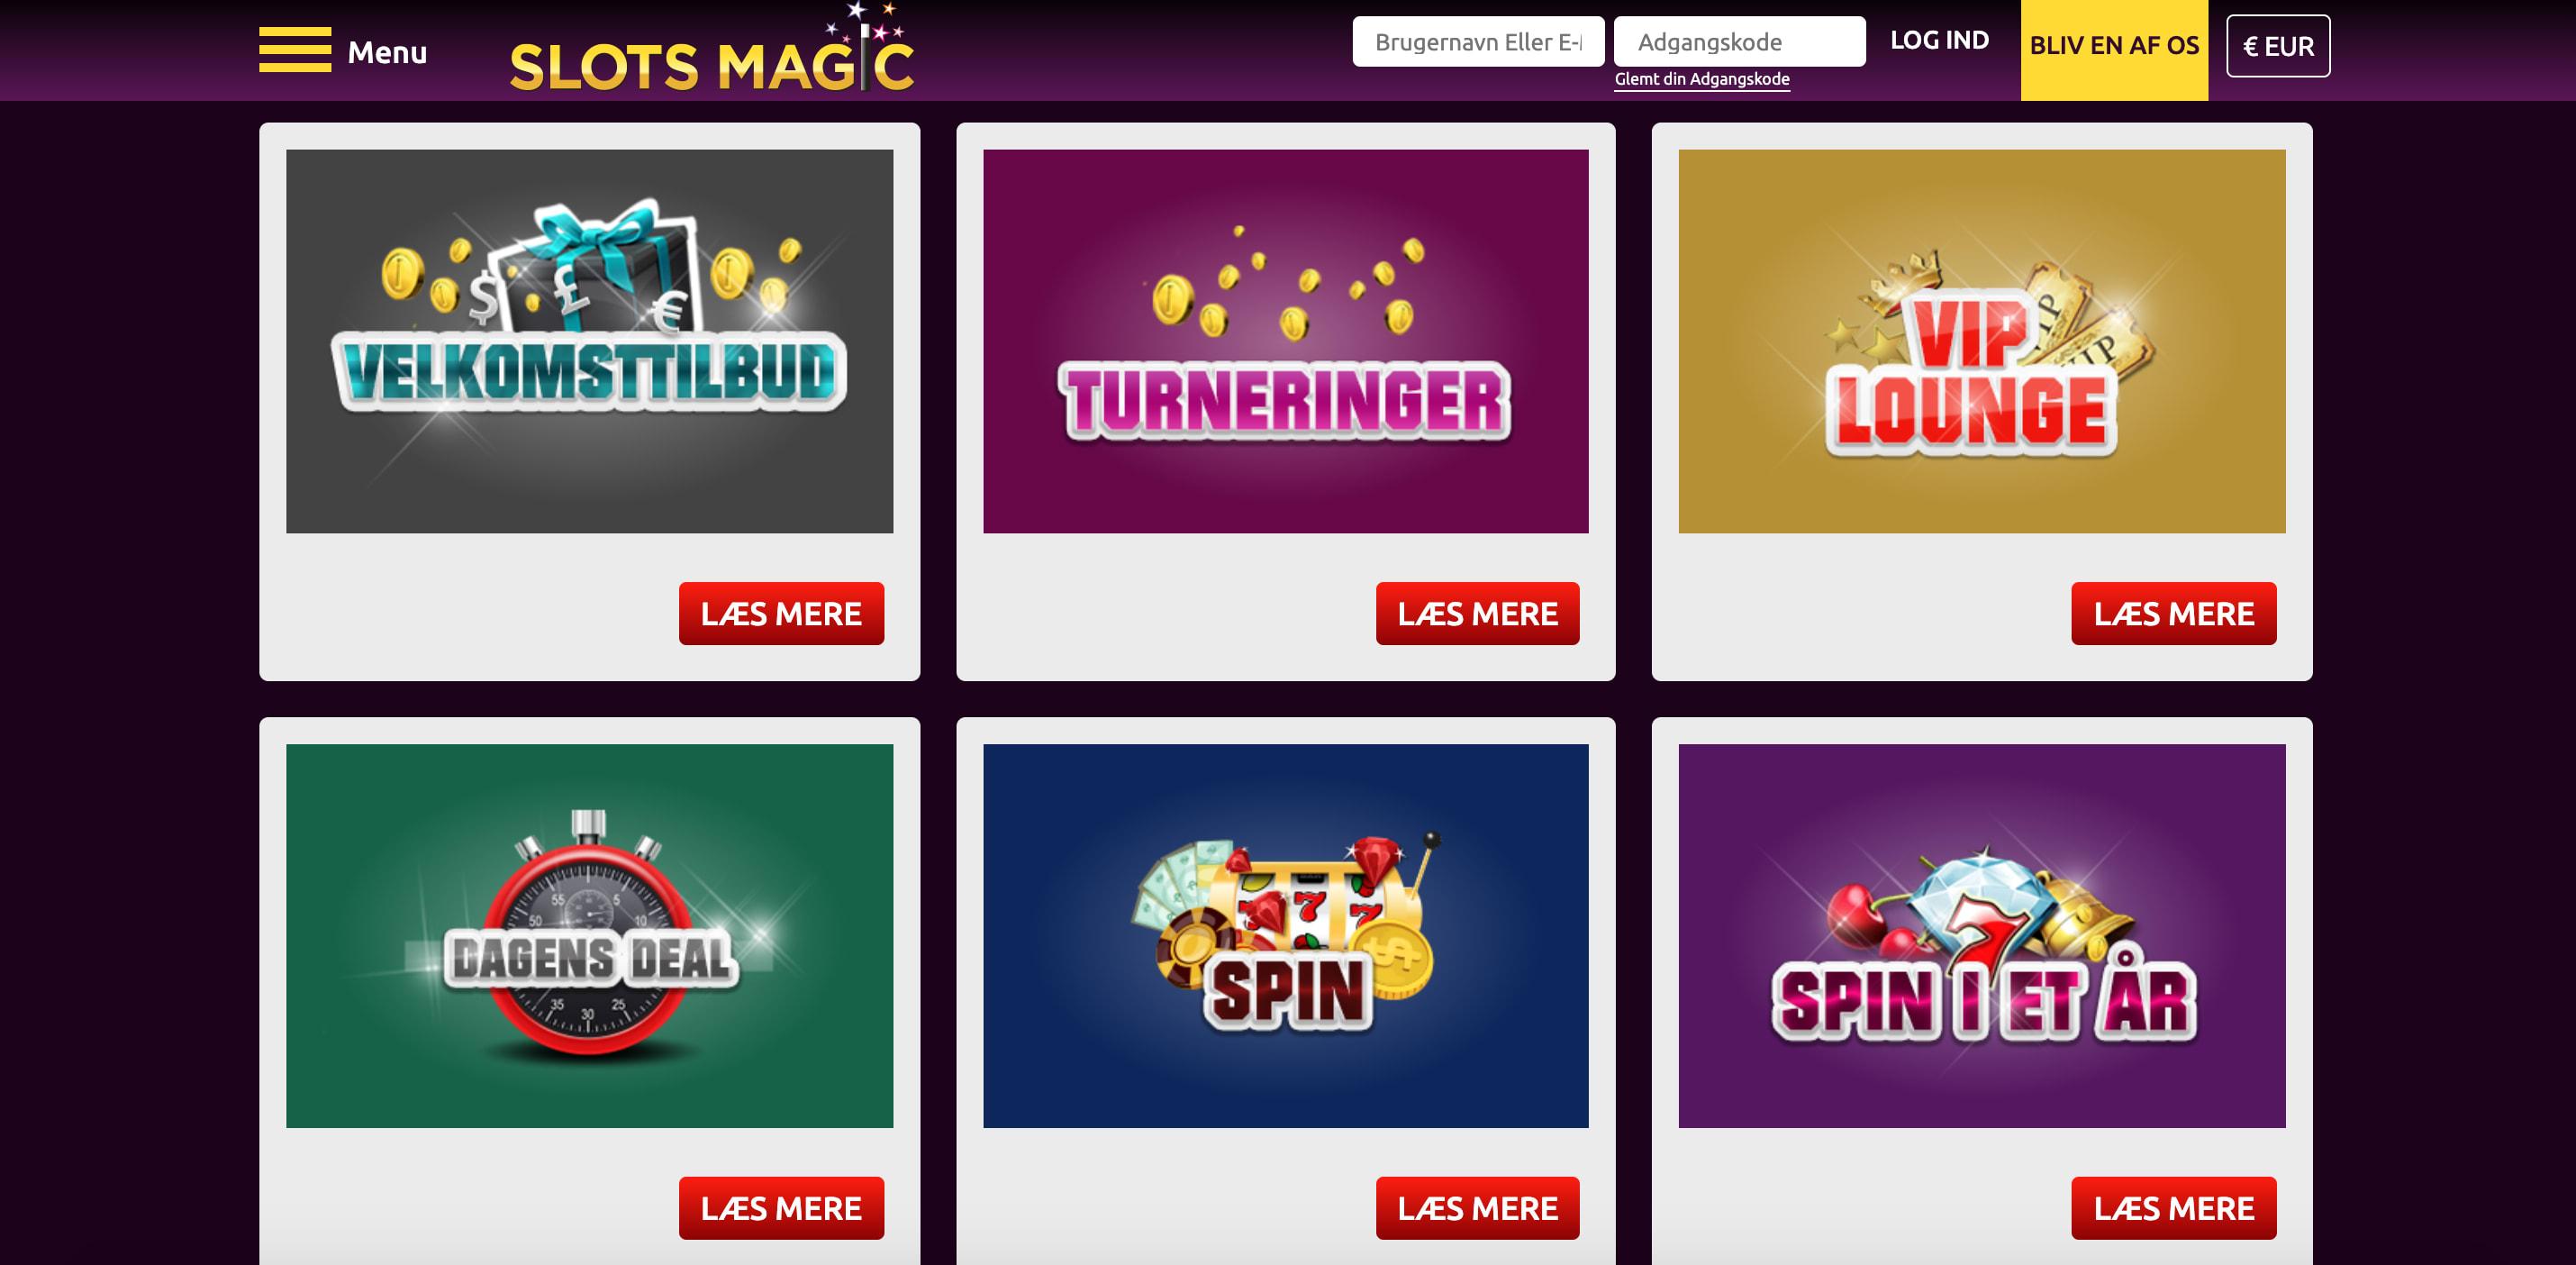 Tilbud og bonusser online casino SlotsMagic.dk